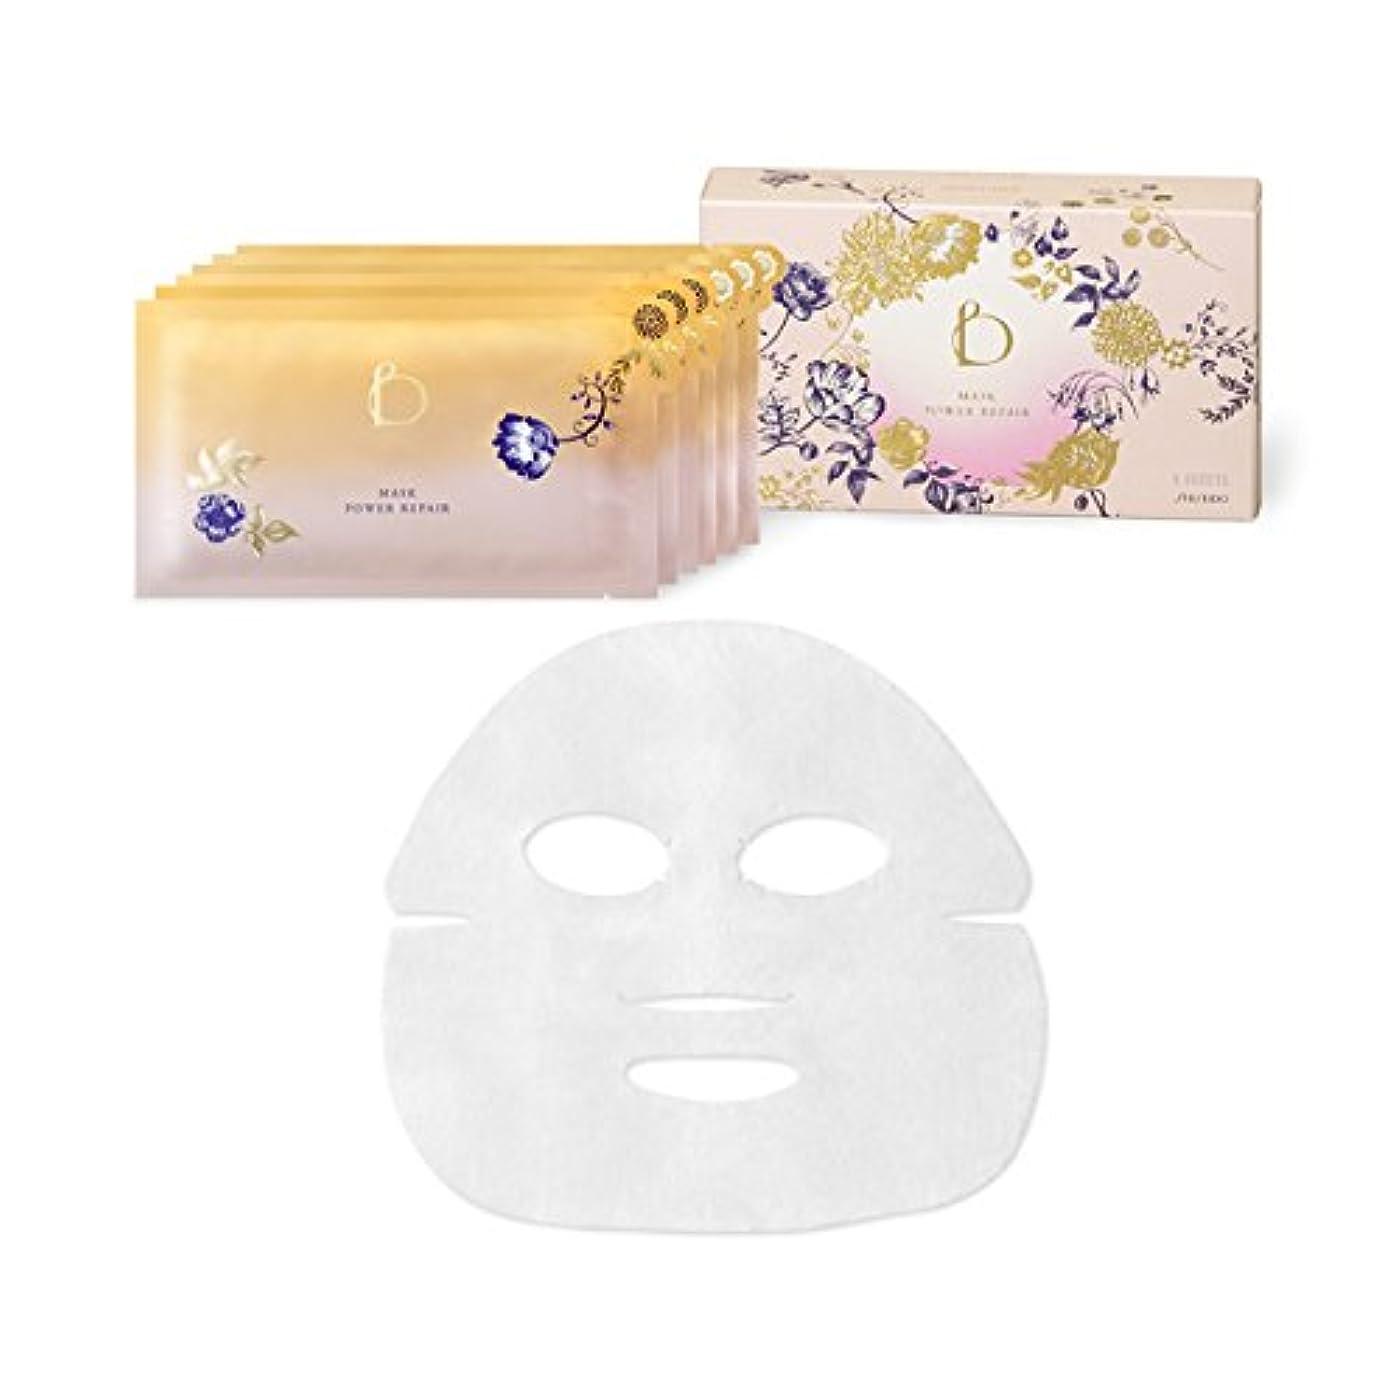 カード後世スナッチ資生堂 ベネフィーク マスク パワーリペア シート状クリームマスク 23mL×6枚入